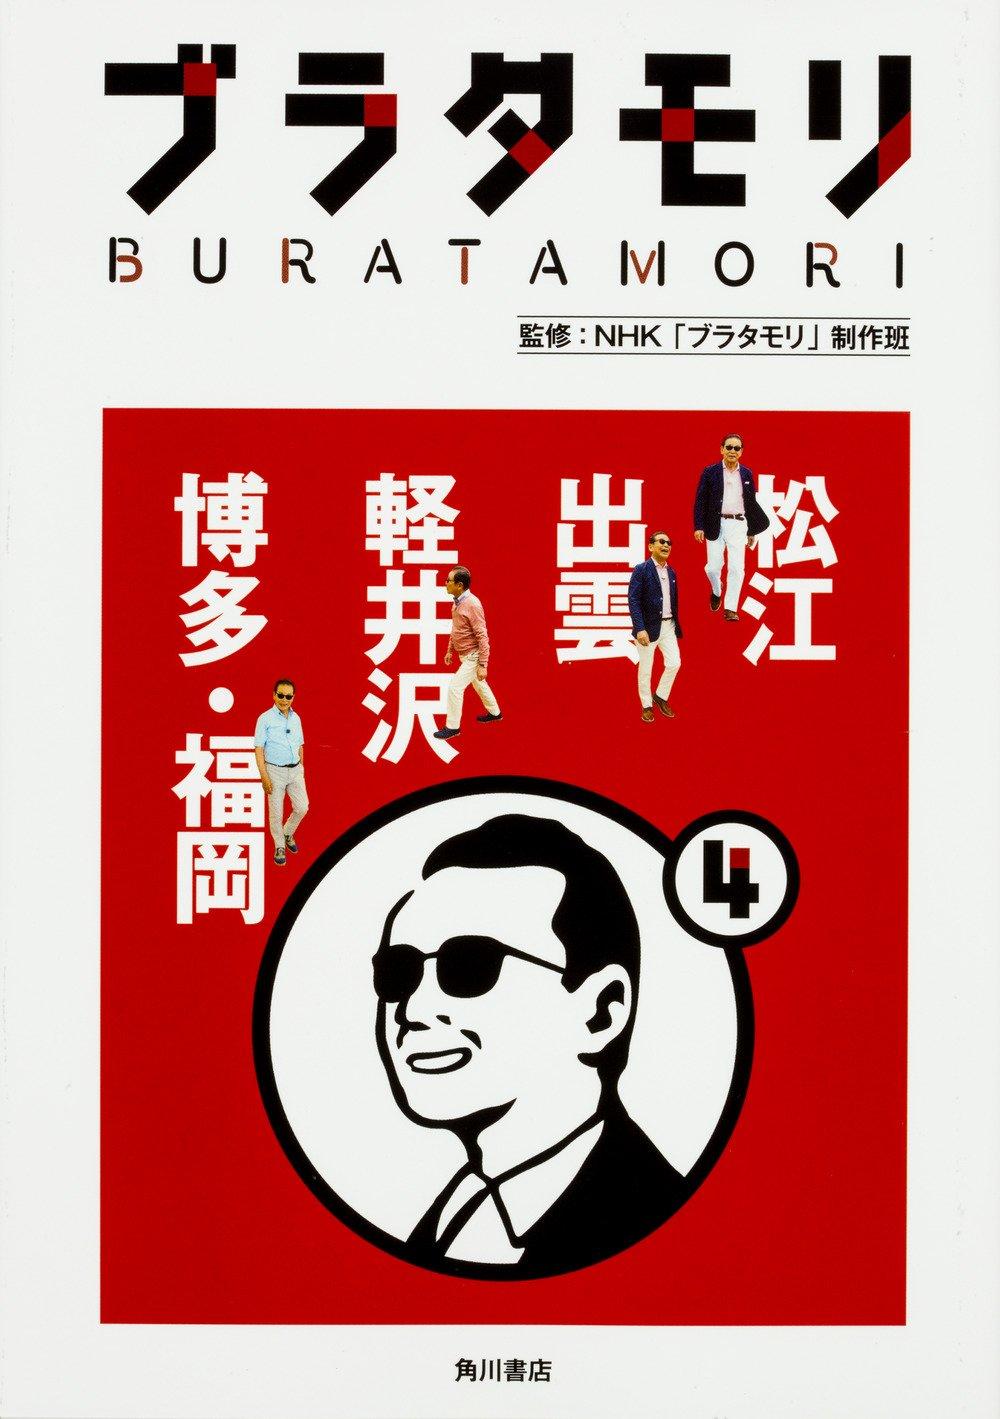 【書籍】ブラタモリ セット 4巻